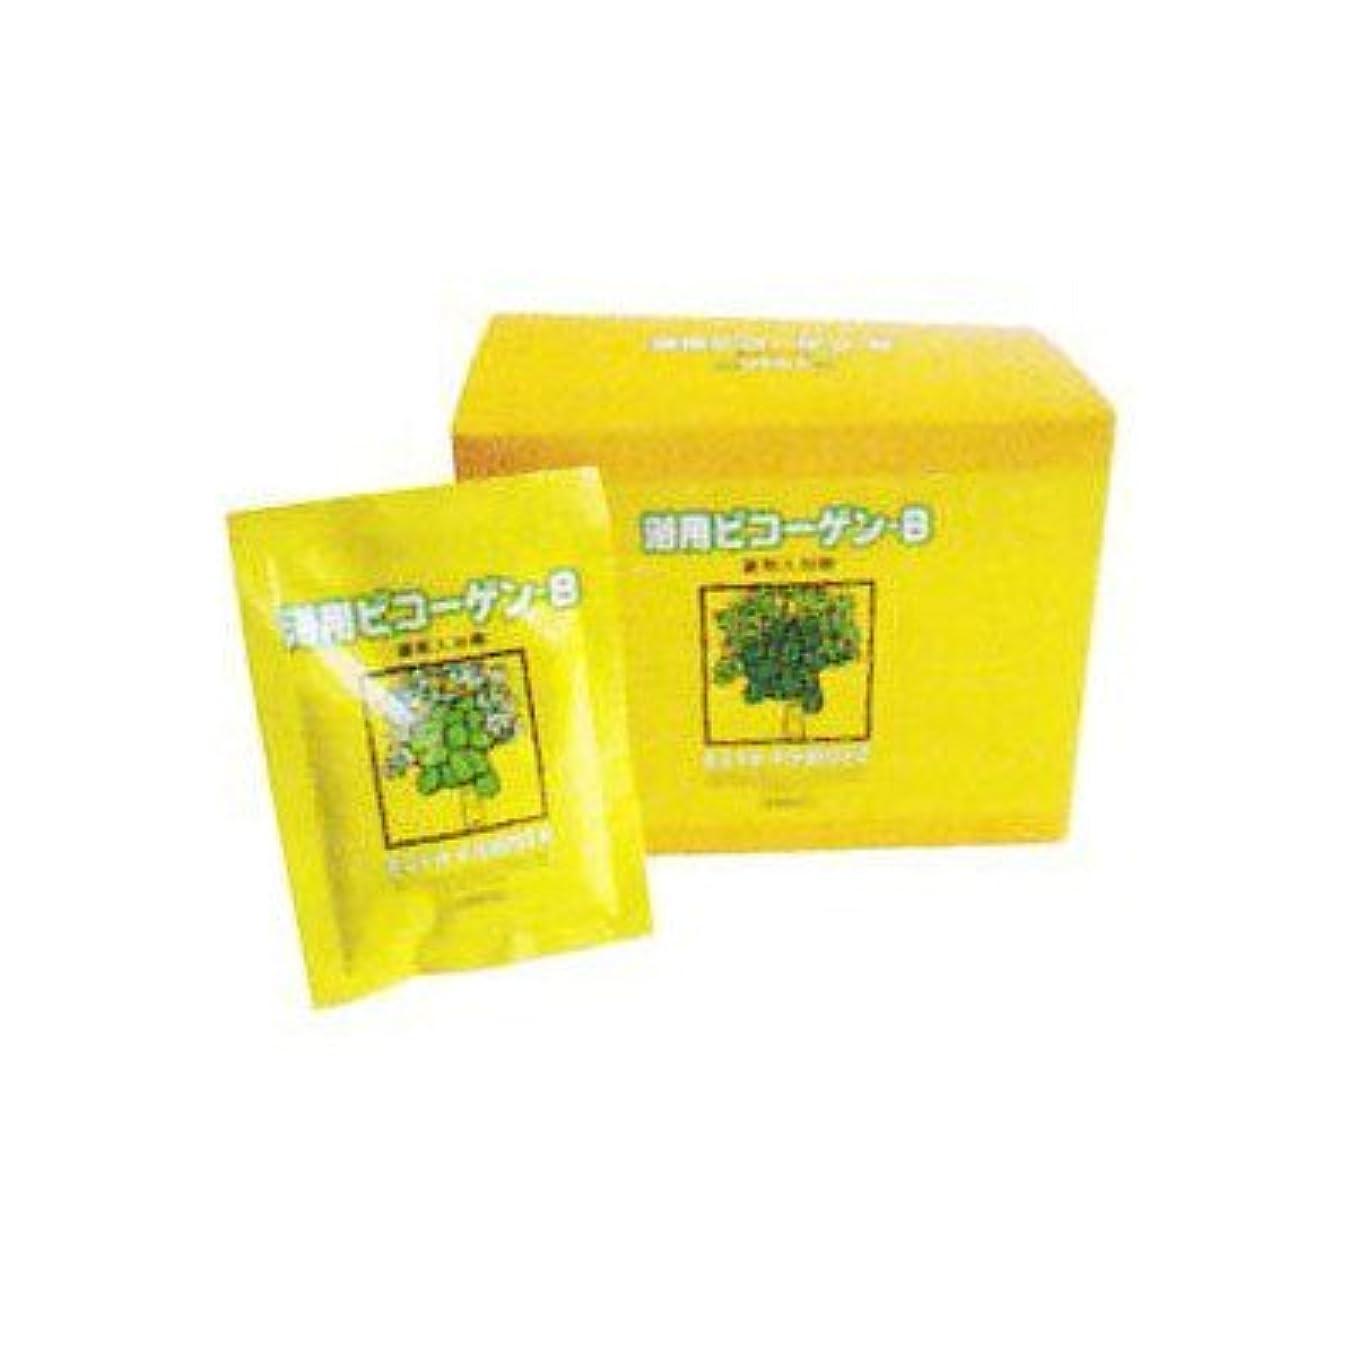 十分に従者クルー酸素入浴剤 リアル 浴用 ビコーゲン B 分包タイプ a221074